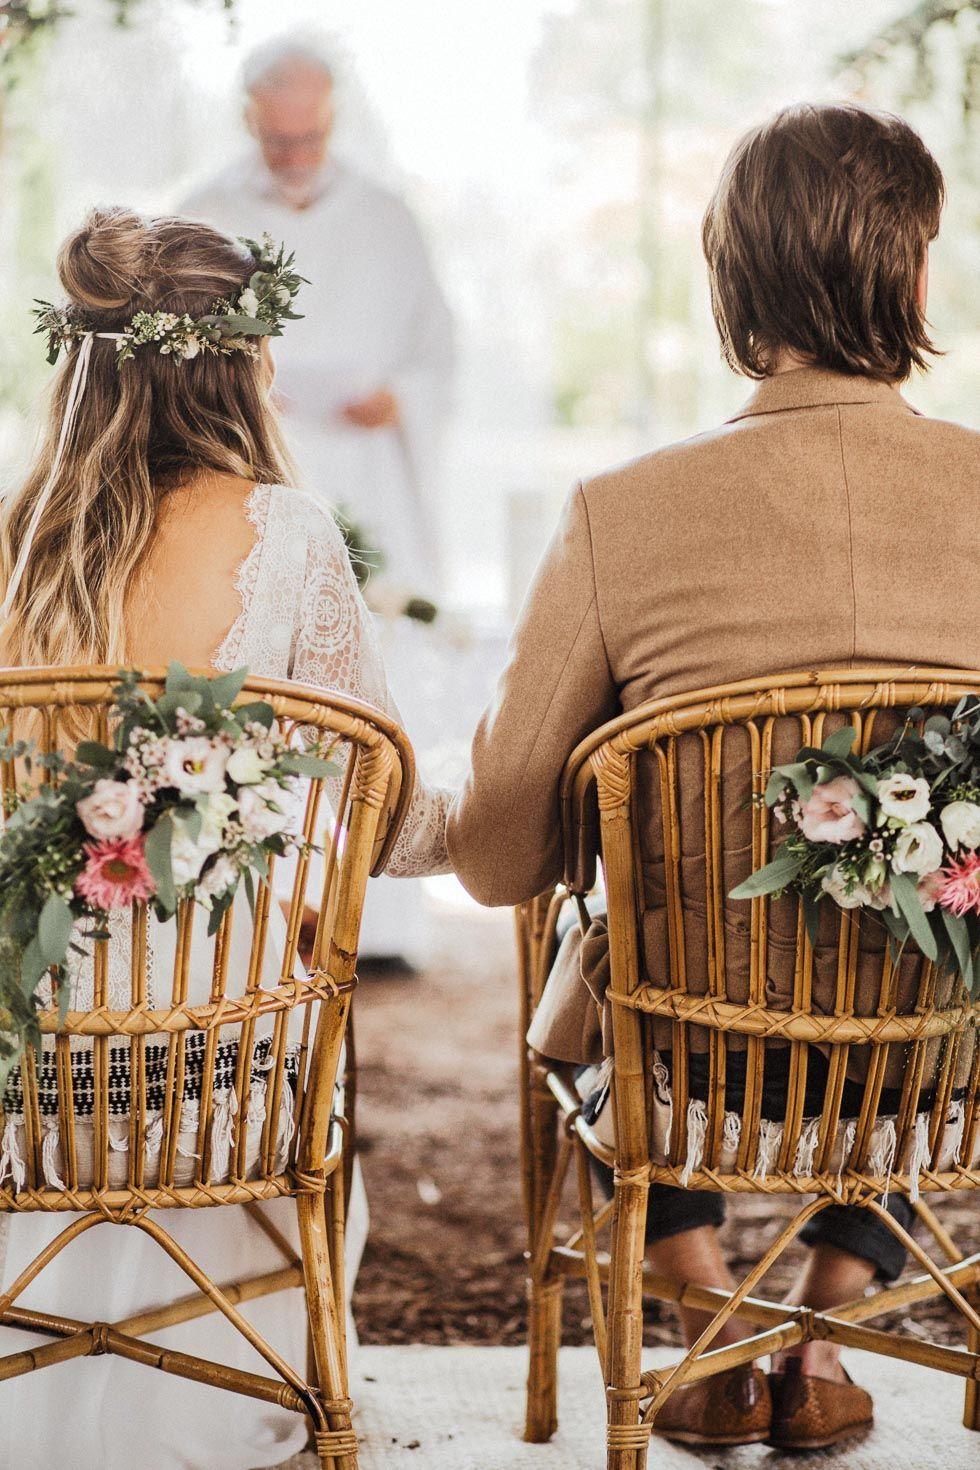 Freie Trauung Dekoration Stuhle Bluten Unterlagen Hochzeit Trauung Furbitten Hochzeit